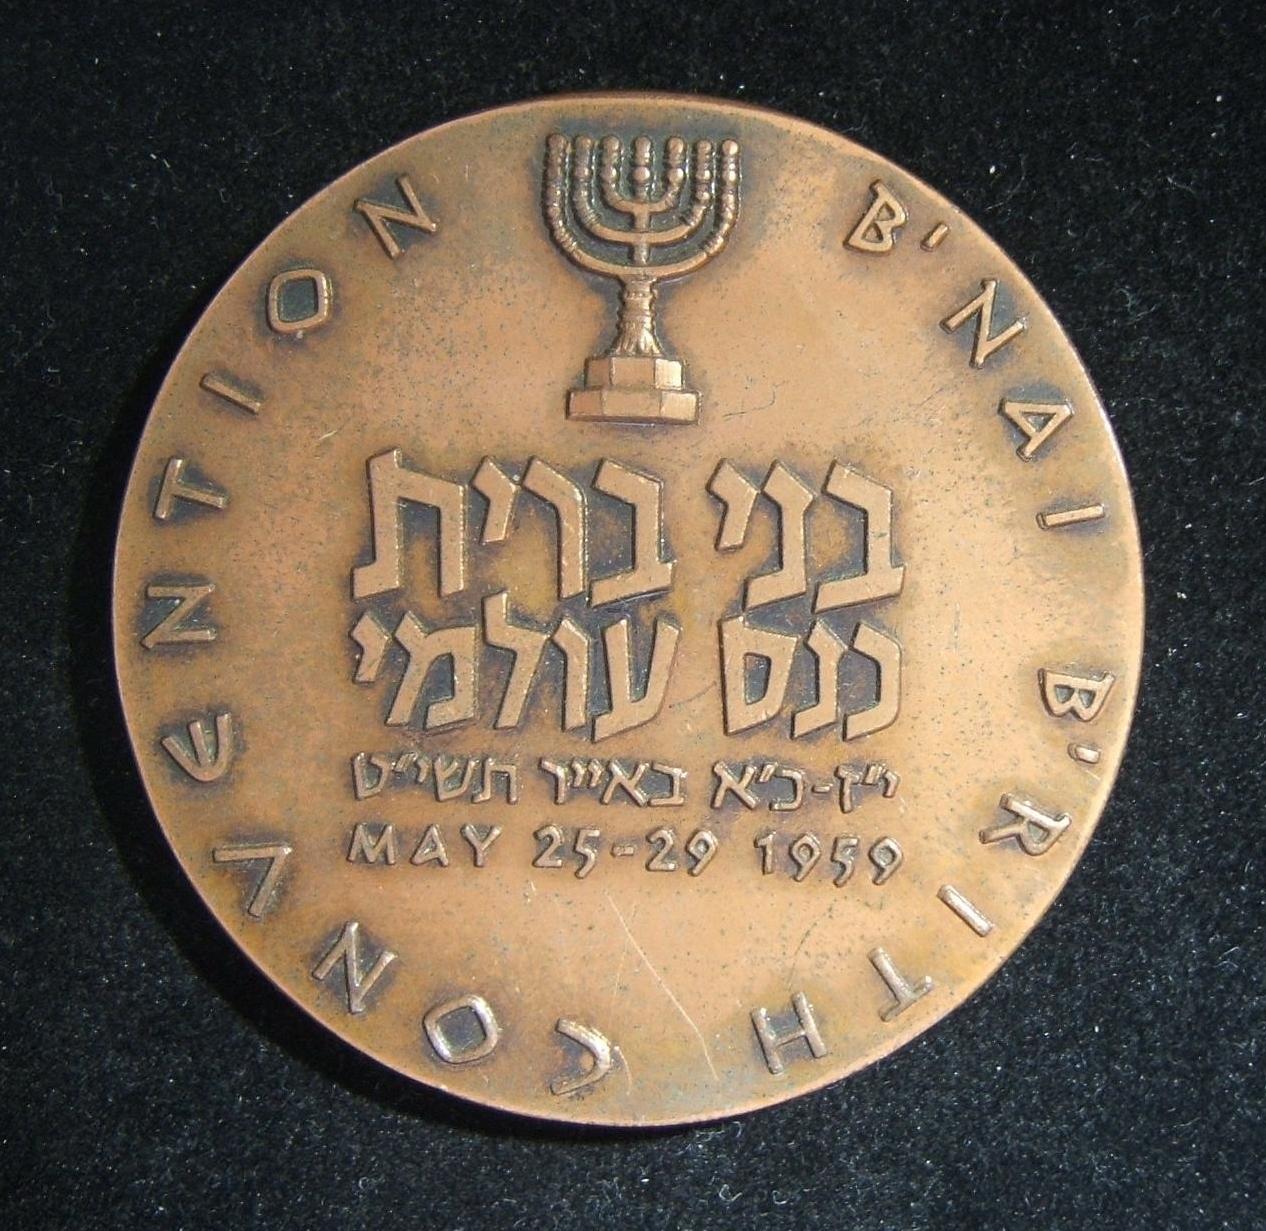 Israel: 1959 B'nai B'rith Konvention in Jerusalem - seltene Teilnehmer-Medaille aus Bronze; entworfen von Zvi Narkiss; Größe: 61 mm; Gewicht: 99,55 g. Vorderseite: zweisprachige Ge